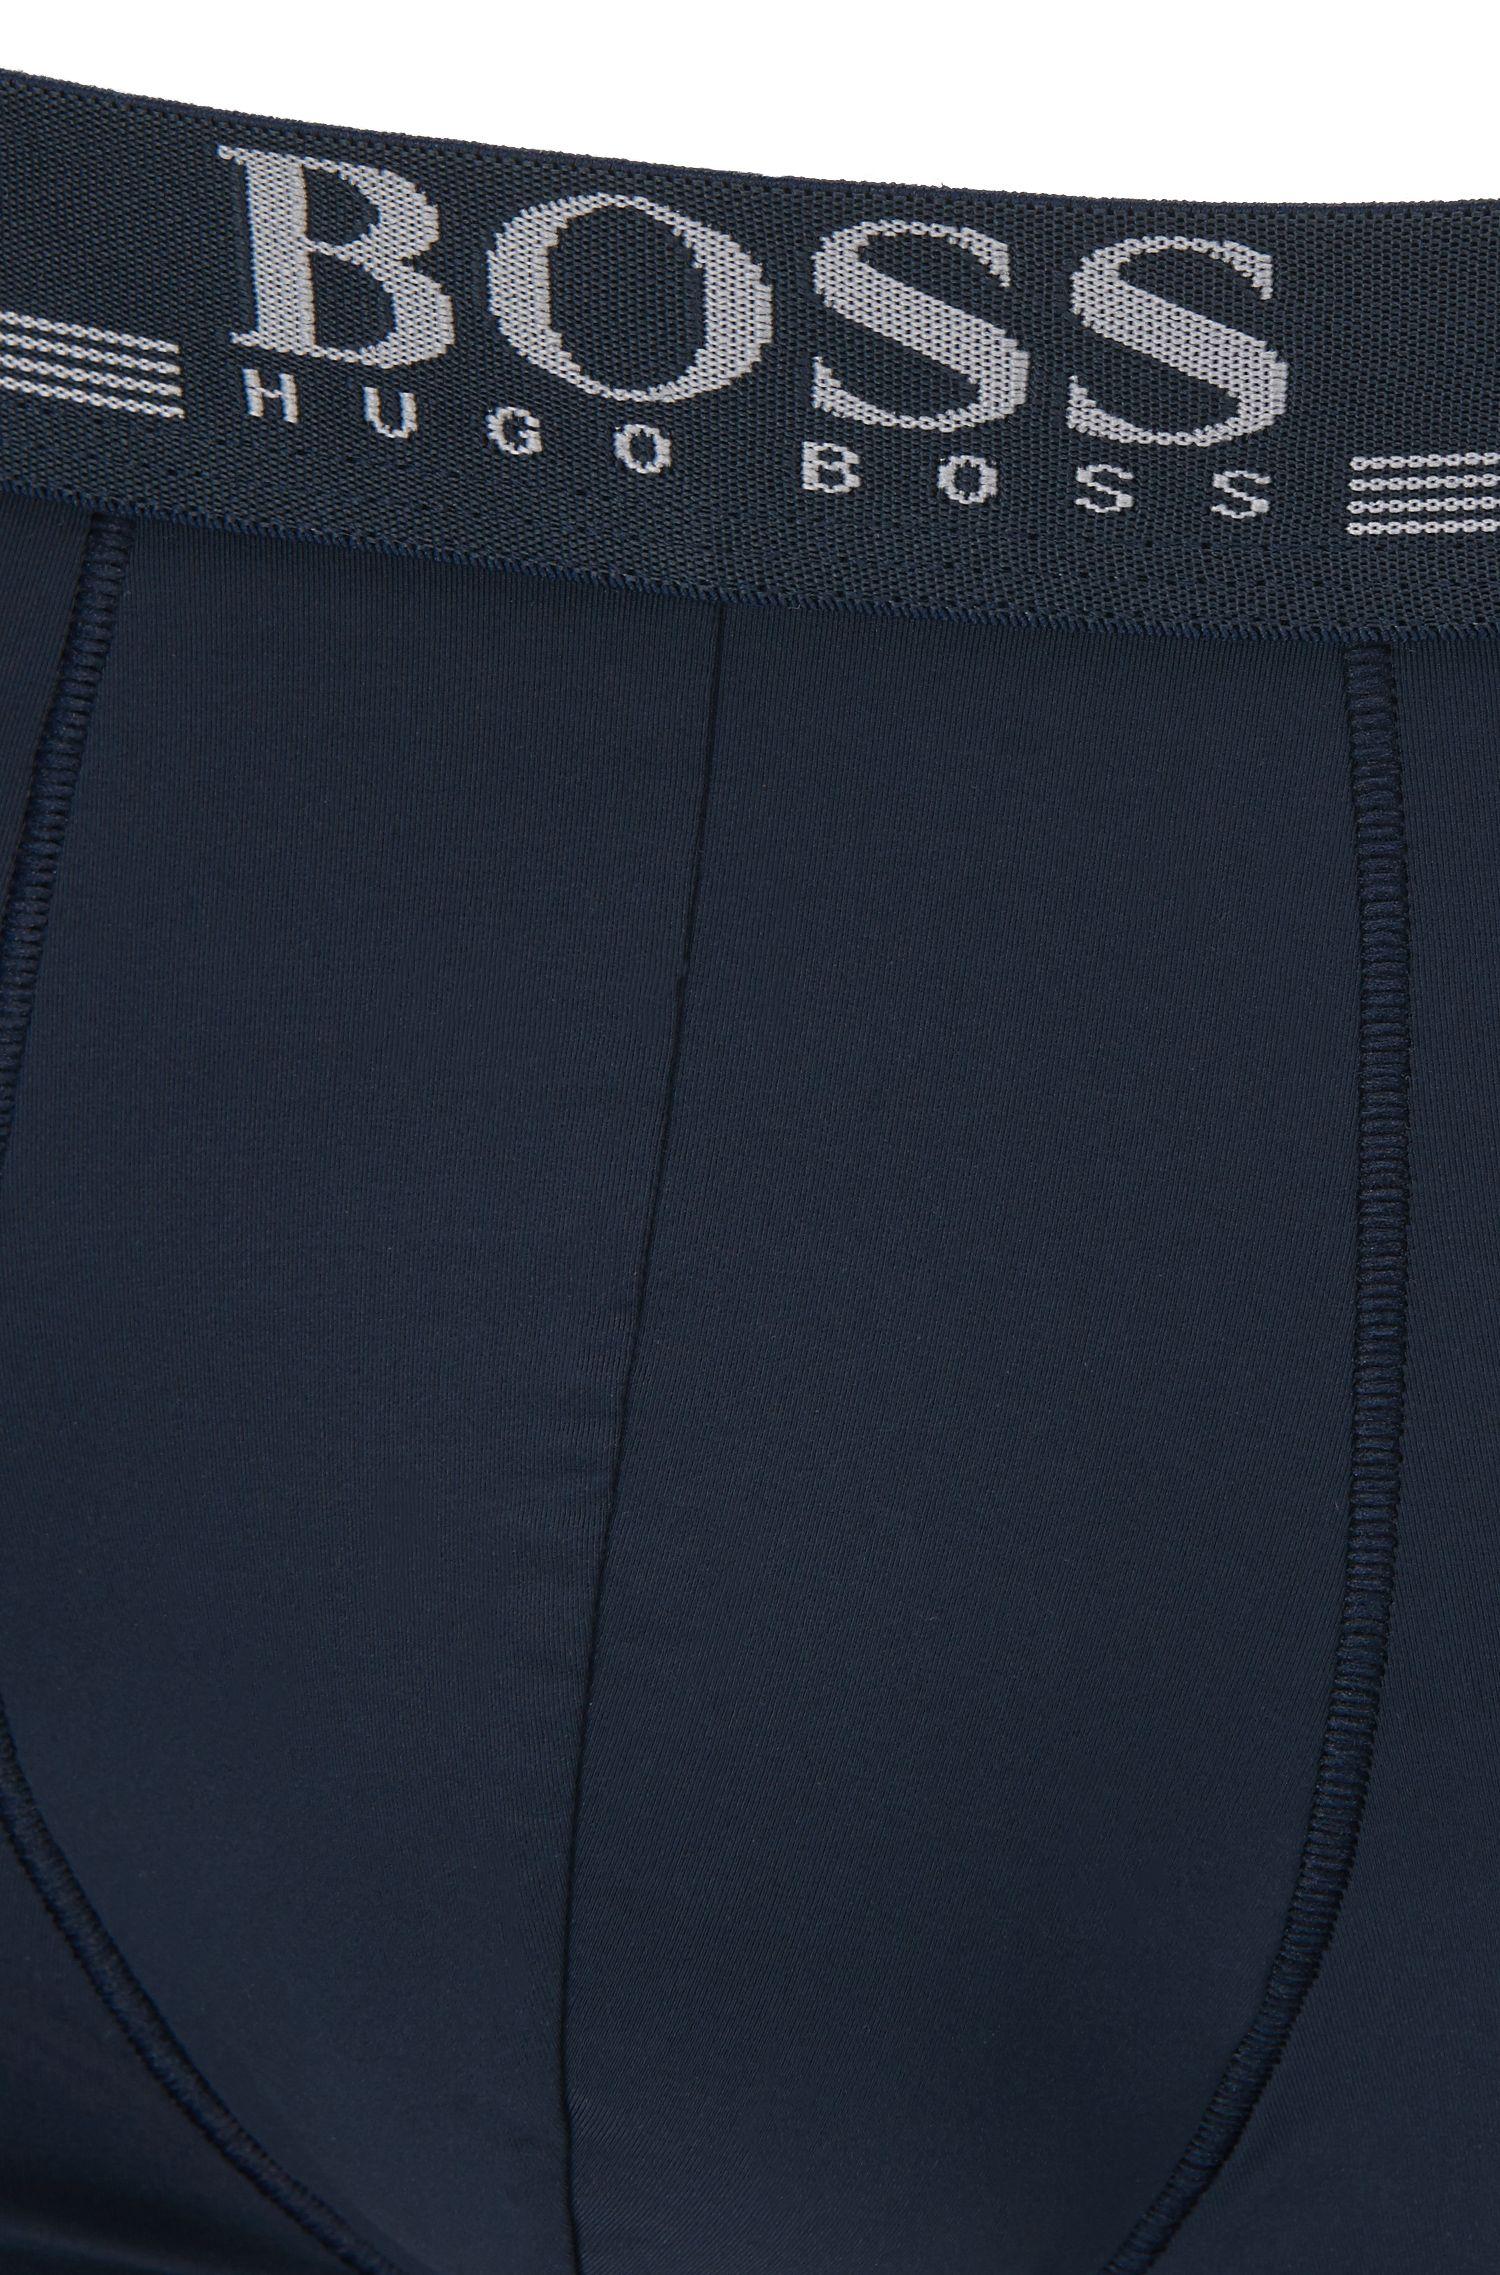 Boxer briefs in four-way-stretch microfiber, Dark Blue